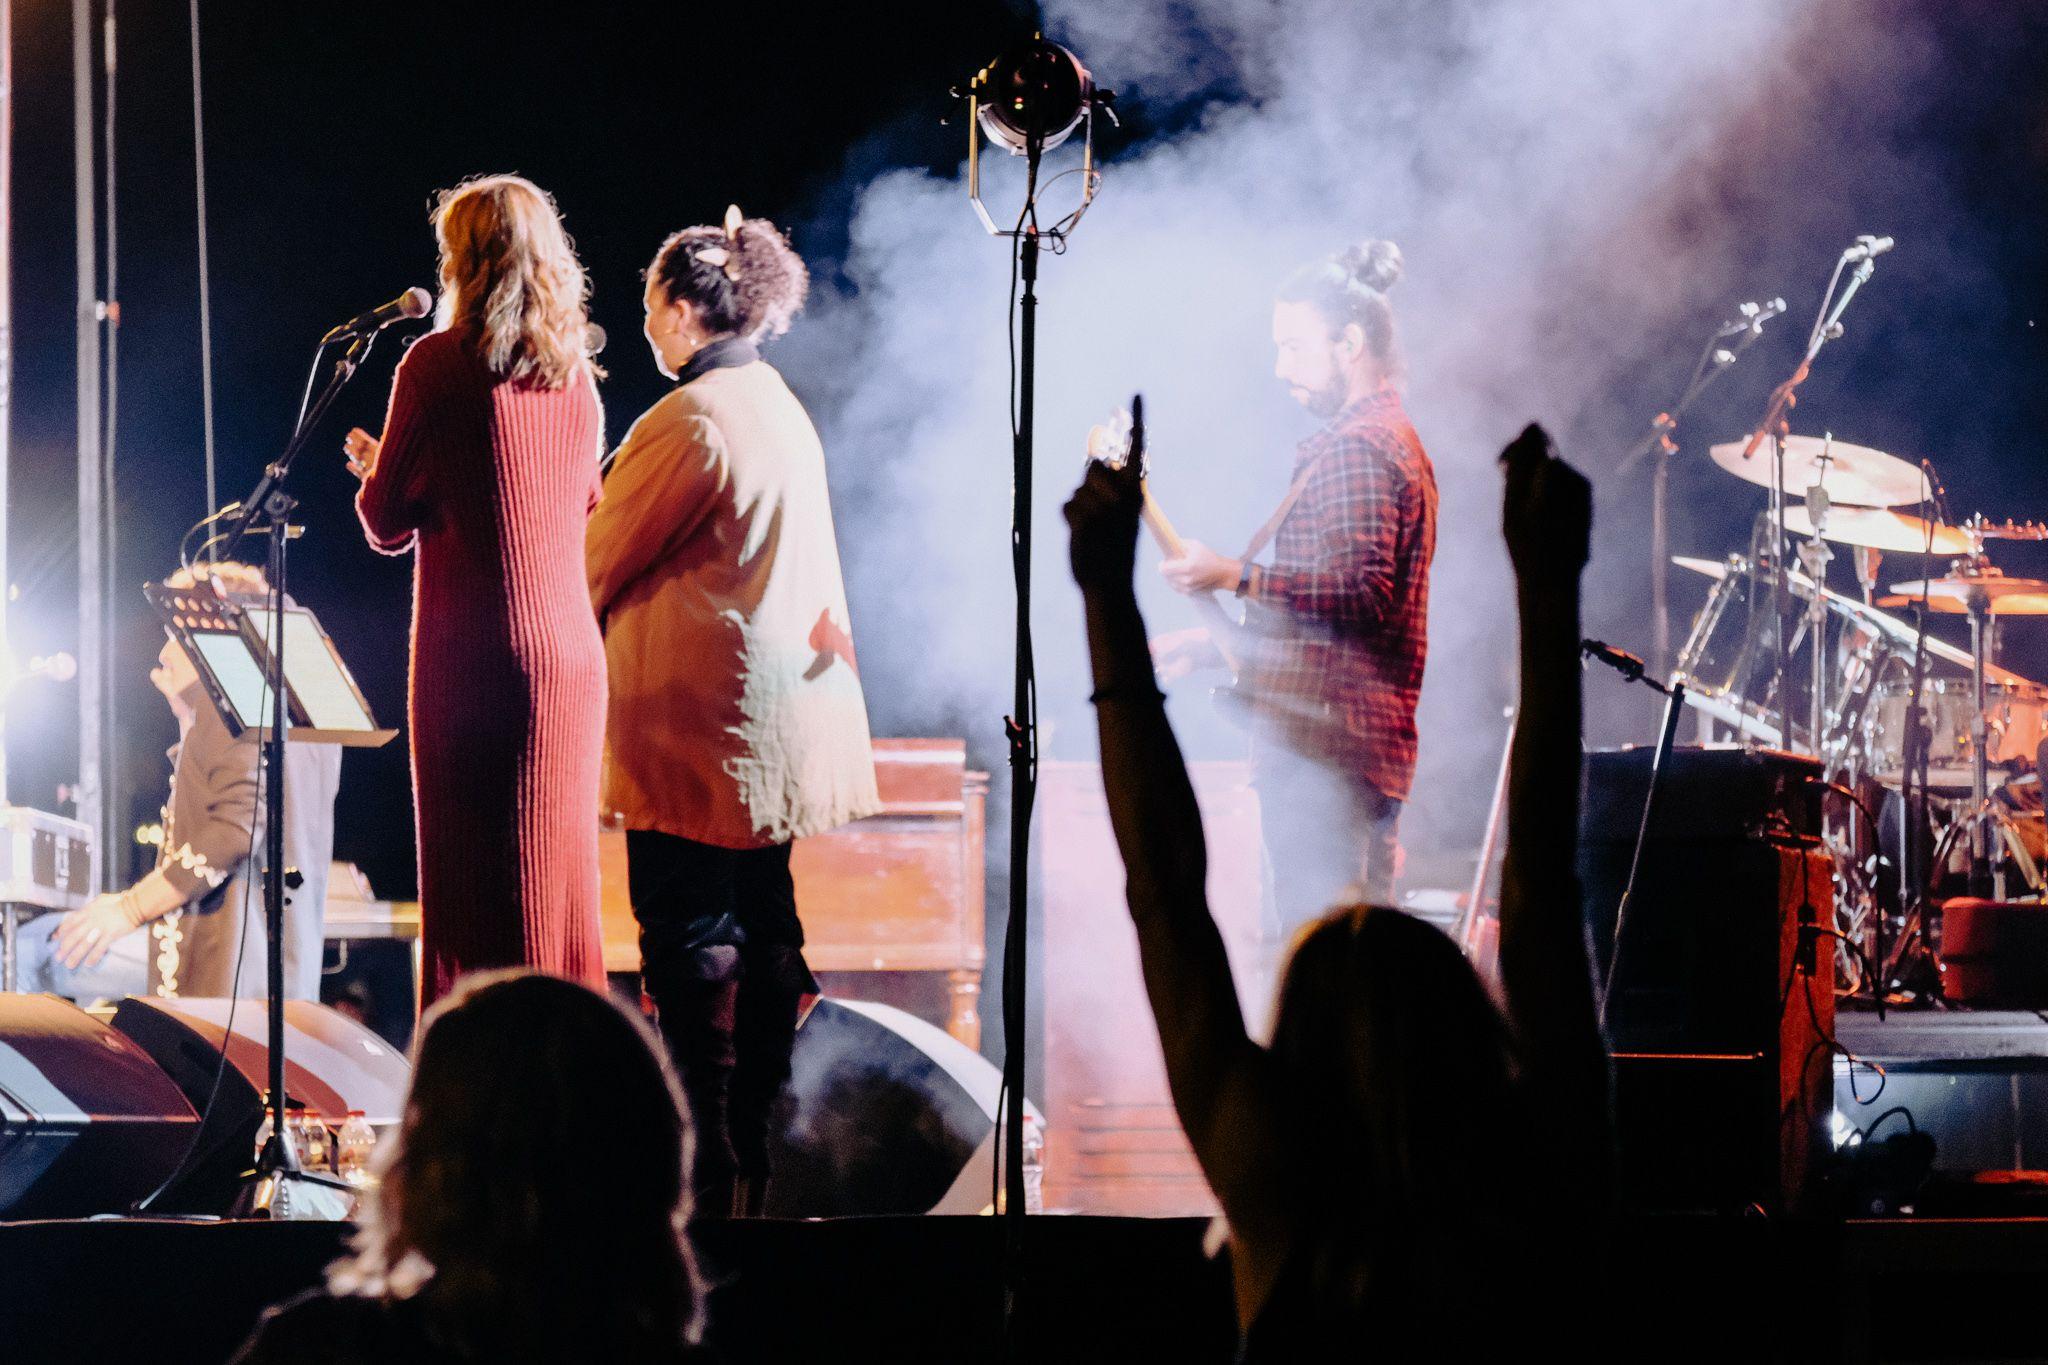 Concert de Gaby Jogeix la nit de dissabte al Mercat de les Fontetes. FOTO, Ale Gómez